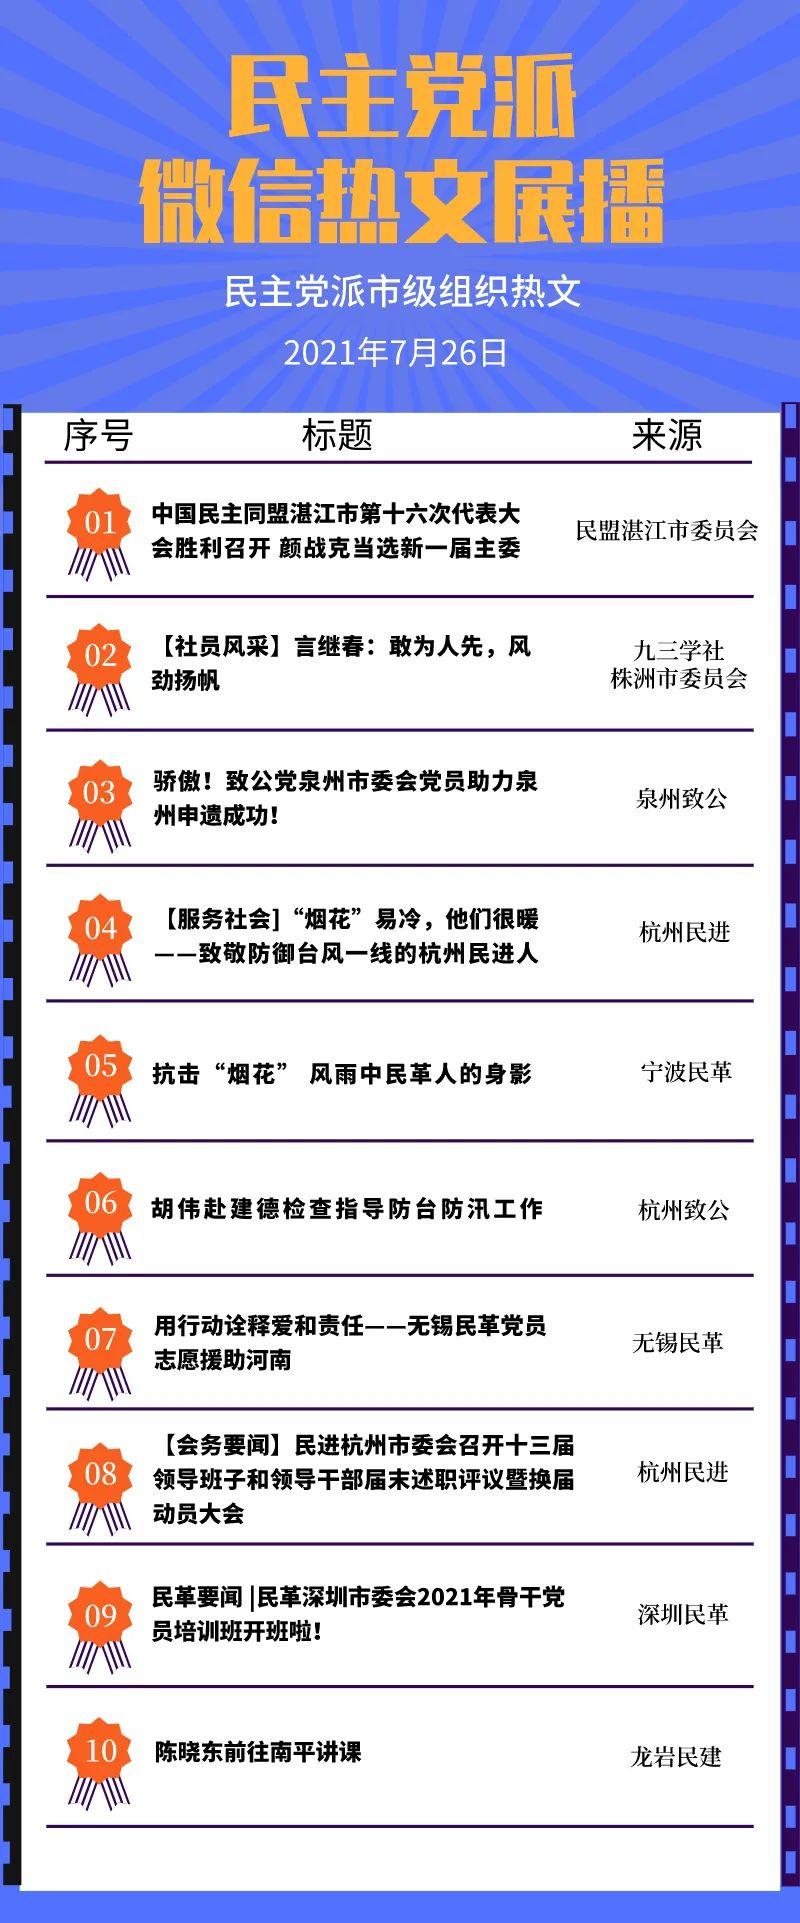 民主党派微信热文展播:中国民主同盟、民盟湛江市委员会分列首位(7月26日)